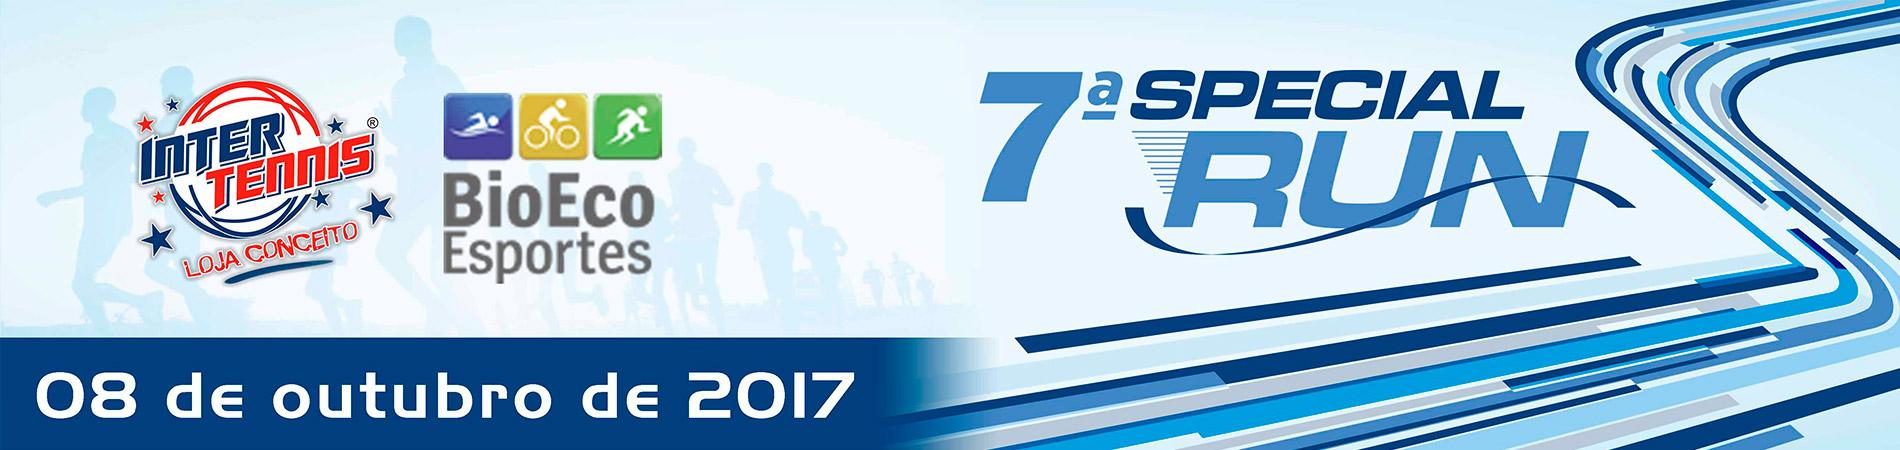 SPECIAL RUN - 7ª EDIÇÃO - 2017 - Imagem de topo